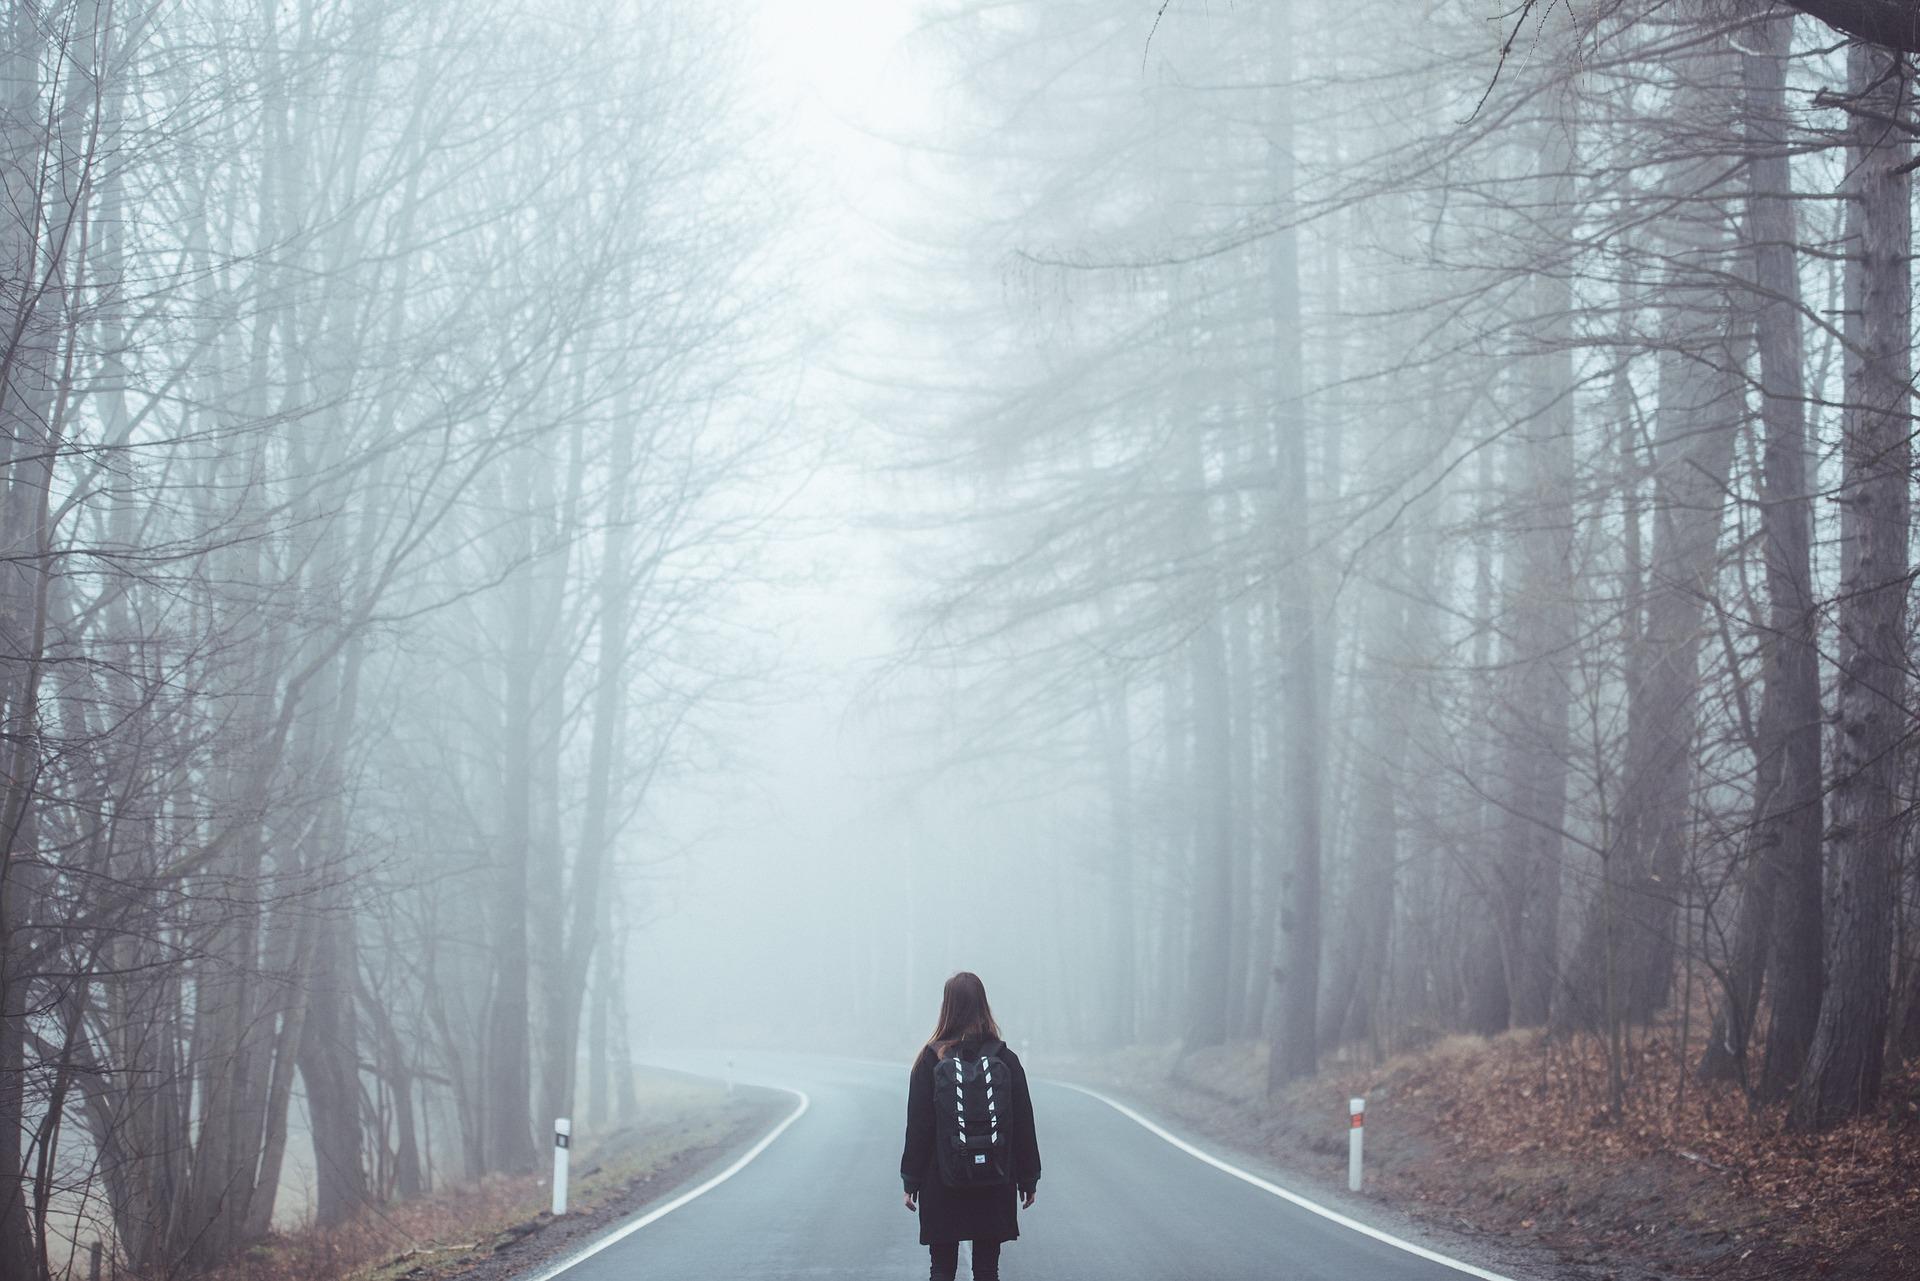 Poczet Piwnych Blogerów: Dzieci we mgle